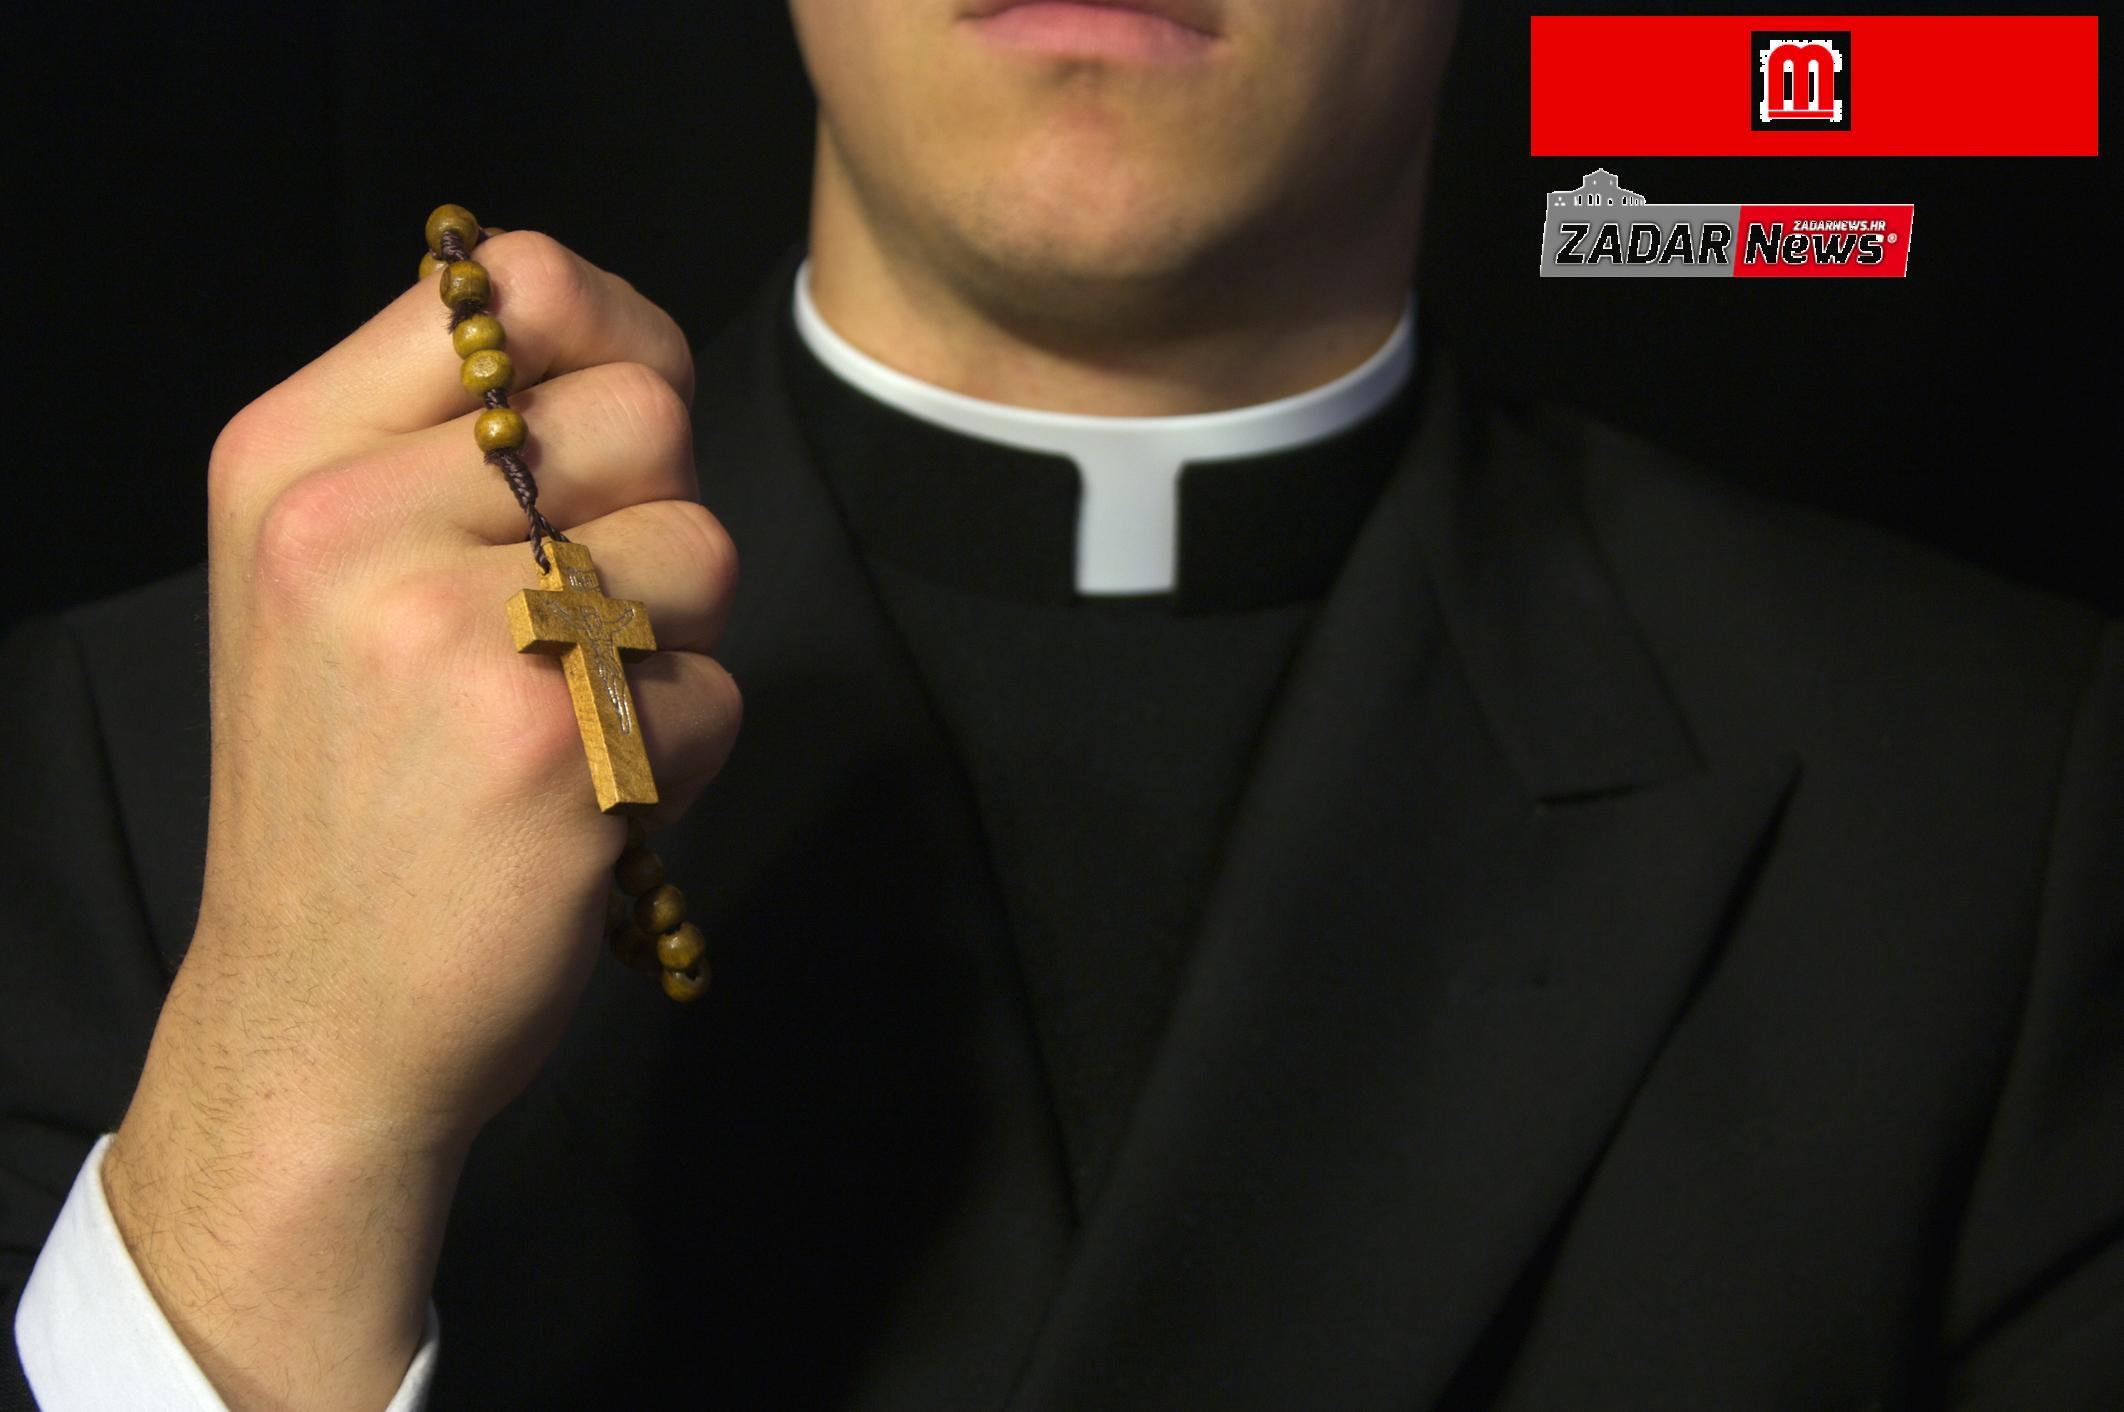 Zadarska nadbiskupija: 'Megamedia i Zadar News izmislili su lažne vijesti o svećenicima, pozivamo HND na reakciju'